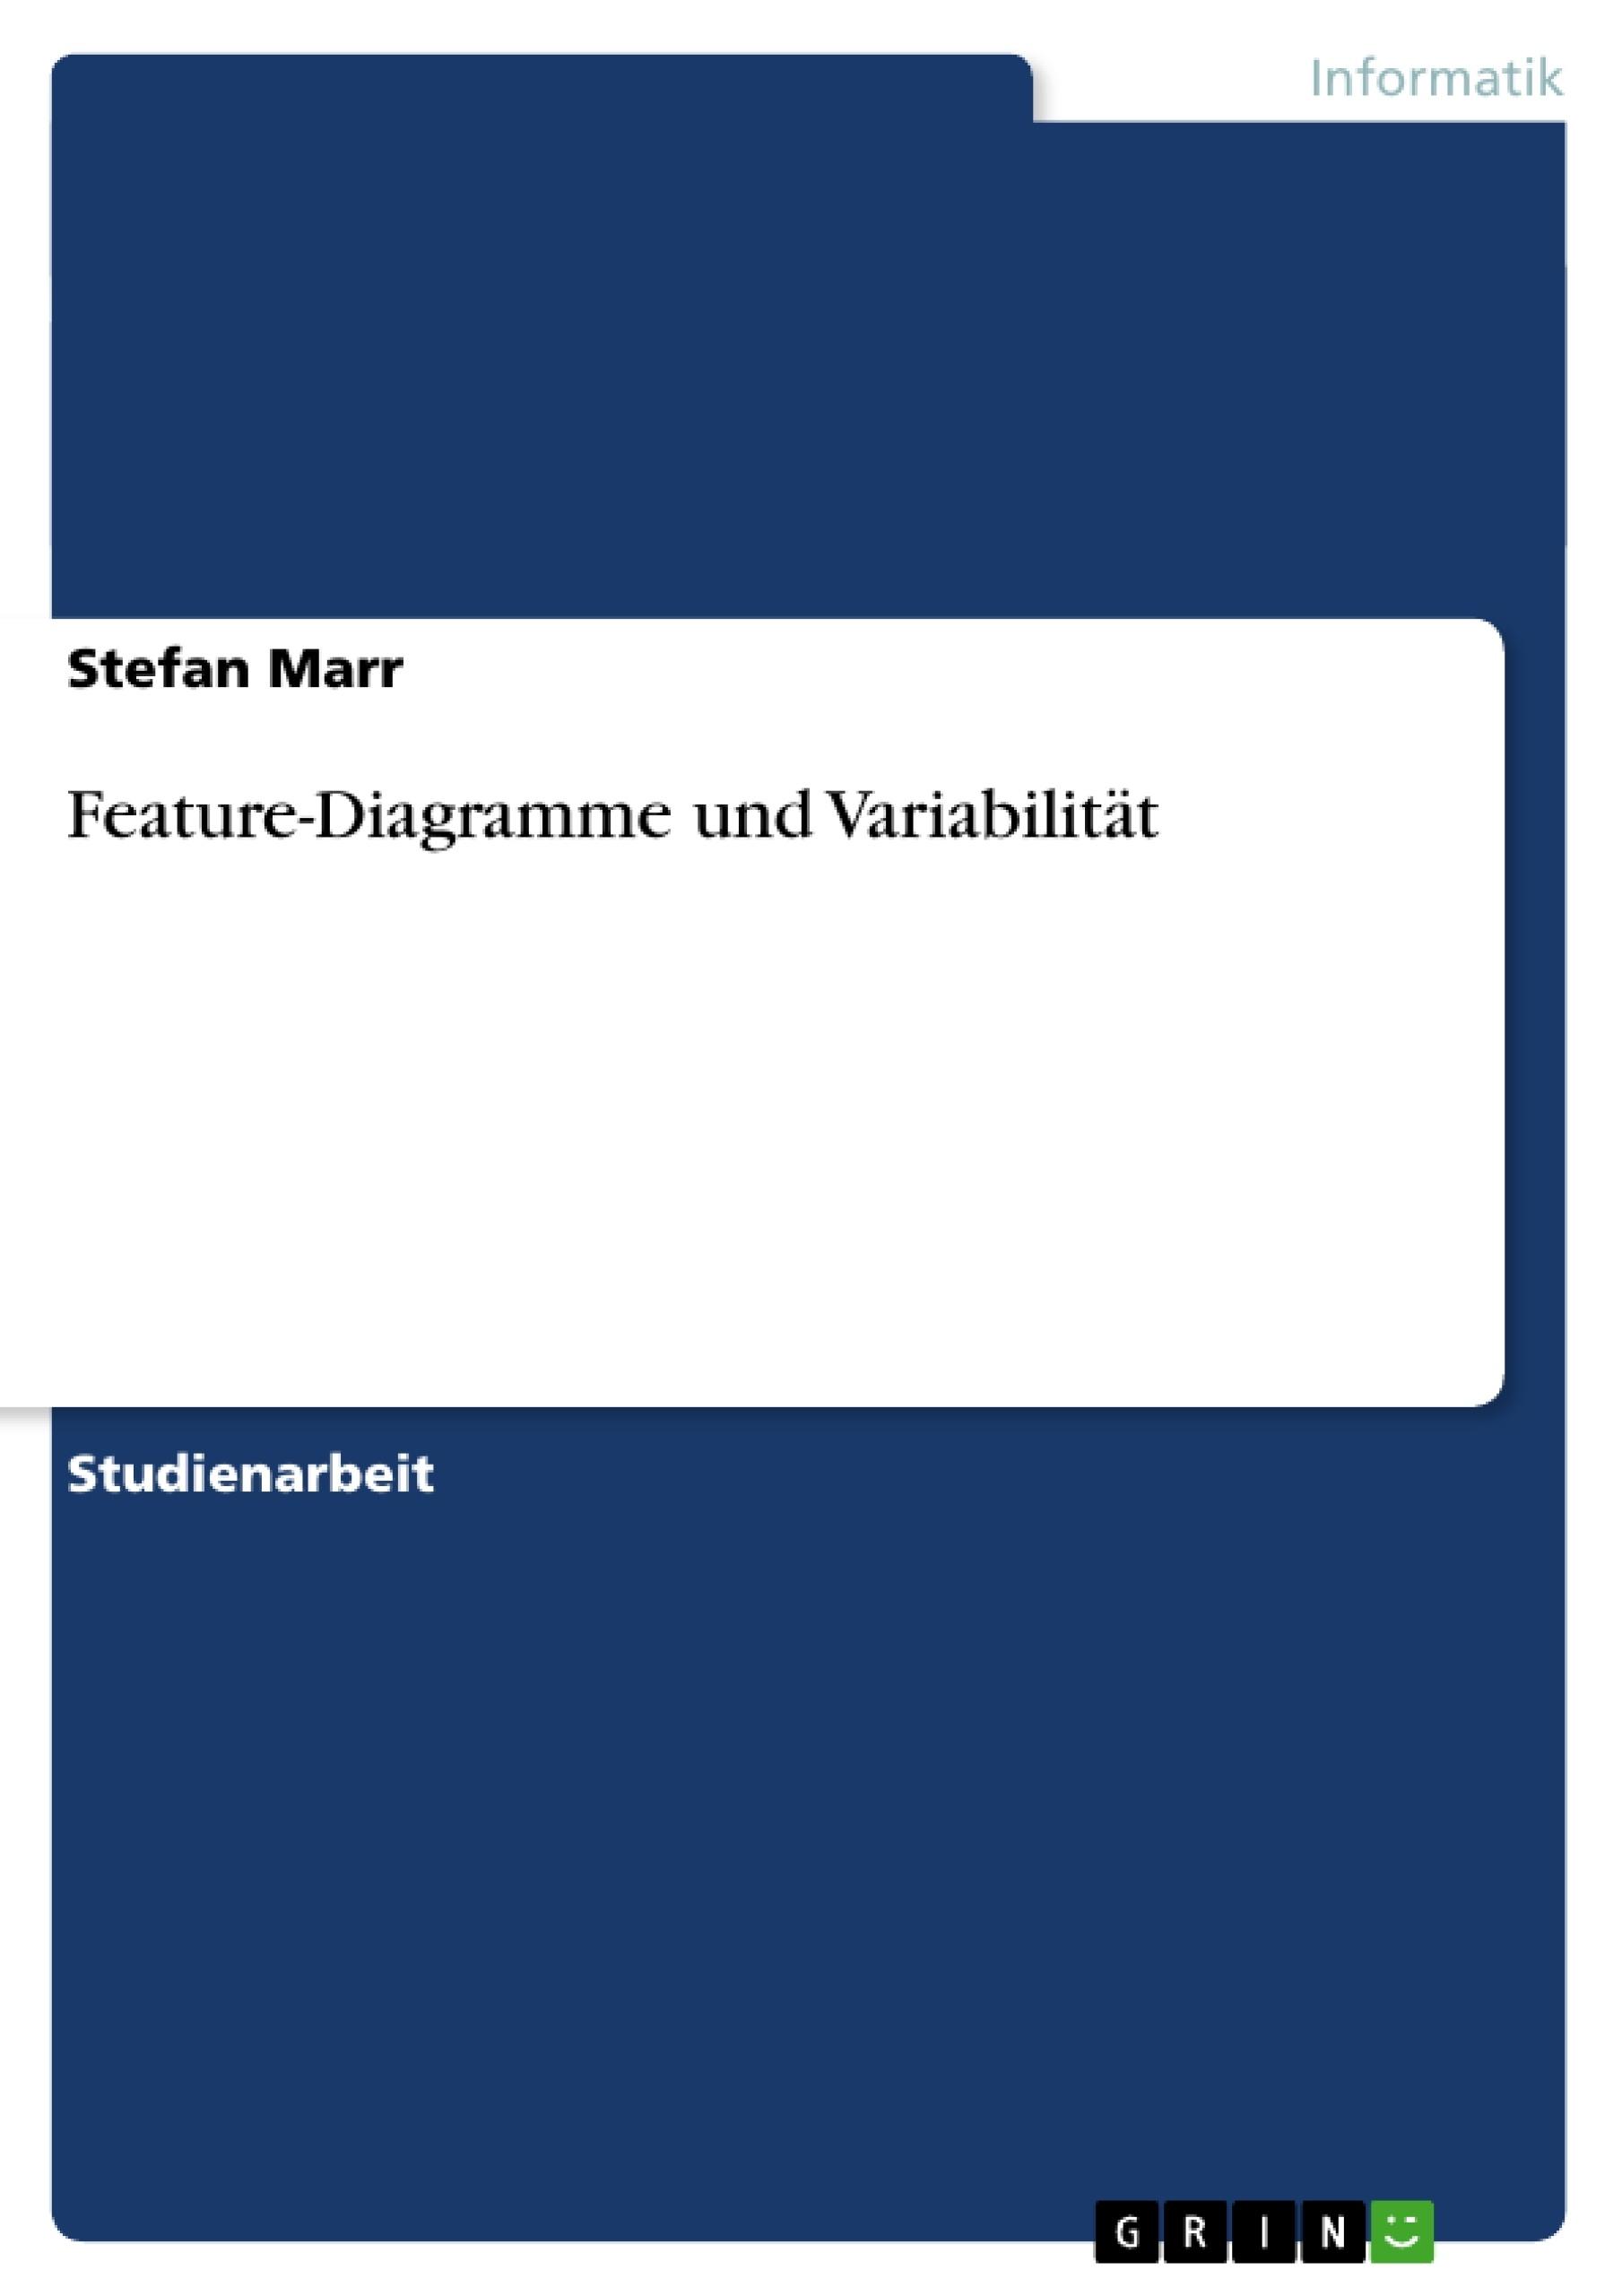 Titel: Feature-Diagramme und Variabilität